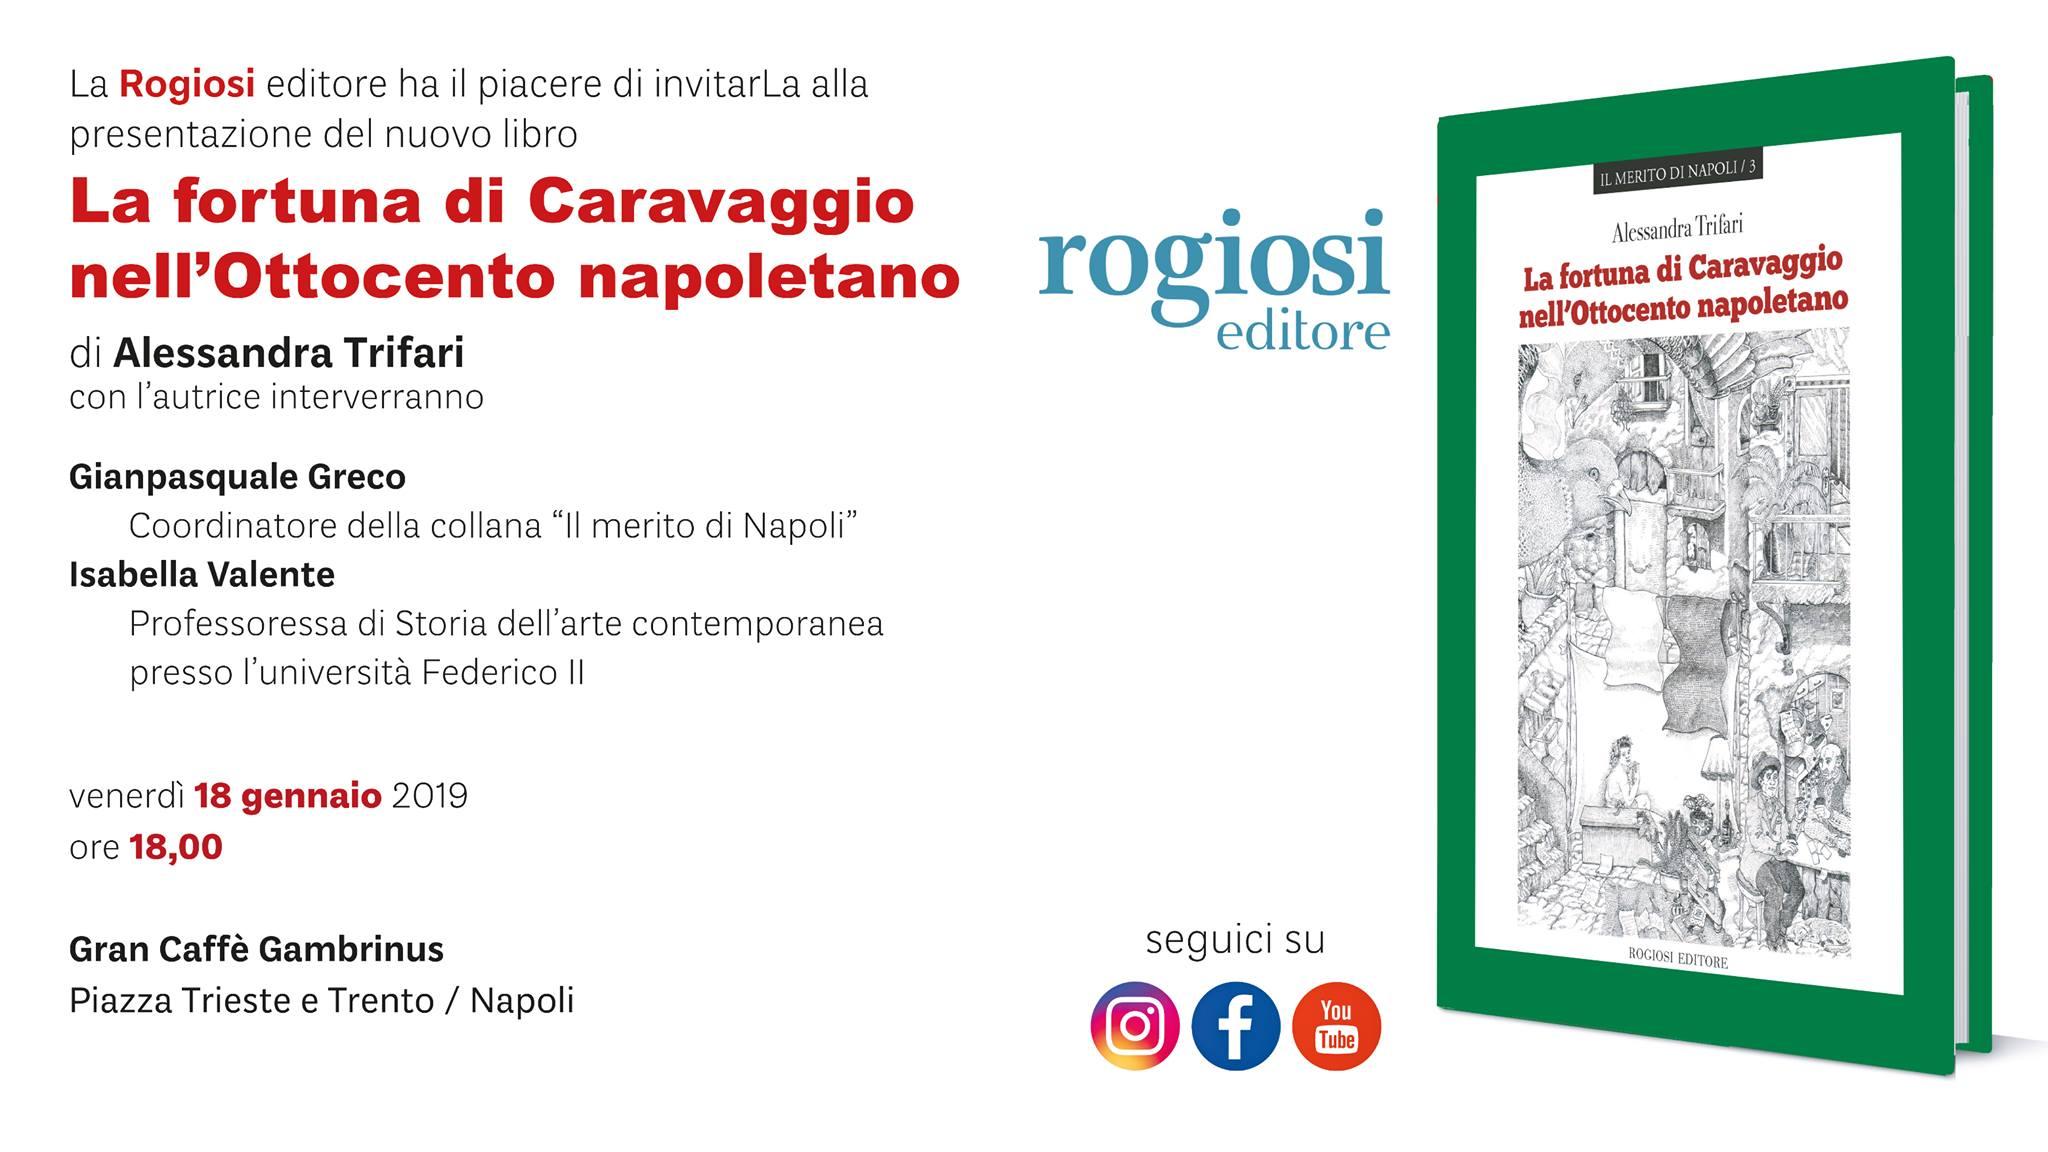 La Fortuna di Caravaggio nell'800 Napoletano – Presentazione Libro